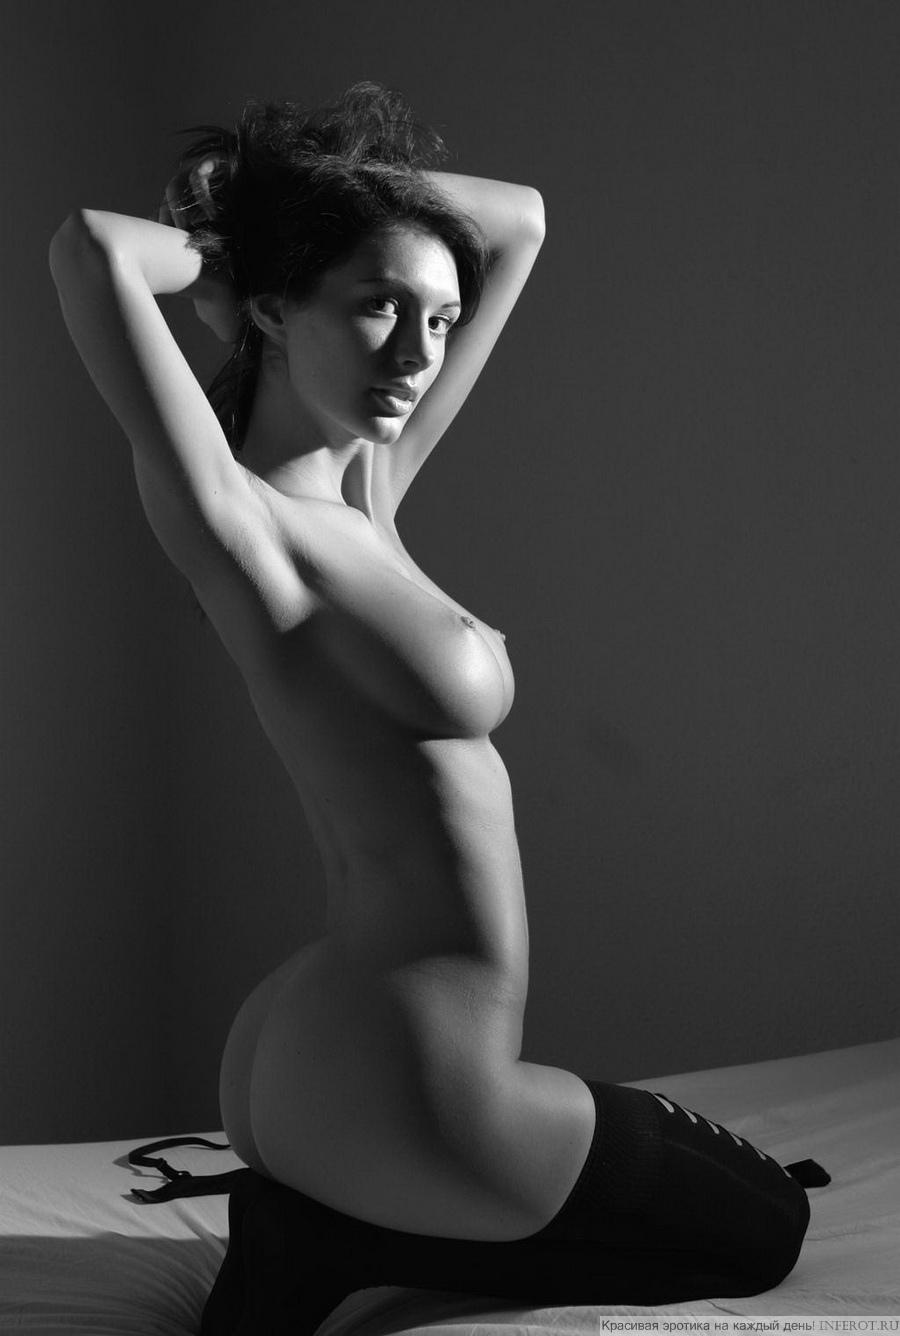 Эротические черно белые фото девушек 9 фотография